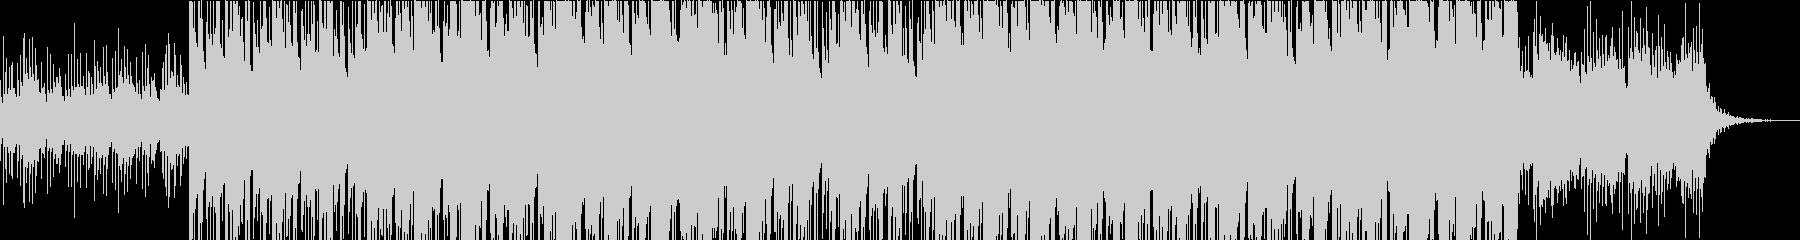 ダークでクールな王道HipHopの未再生の波形